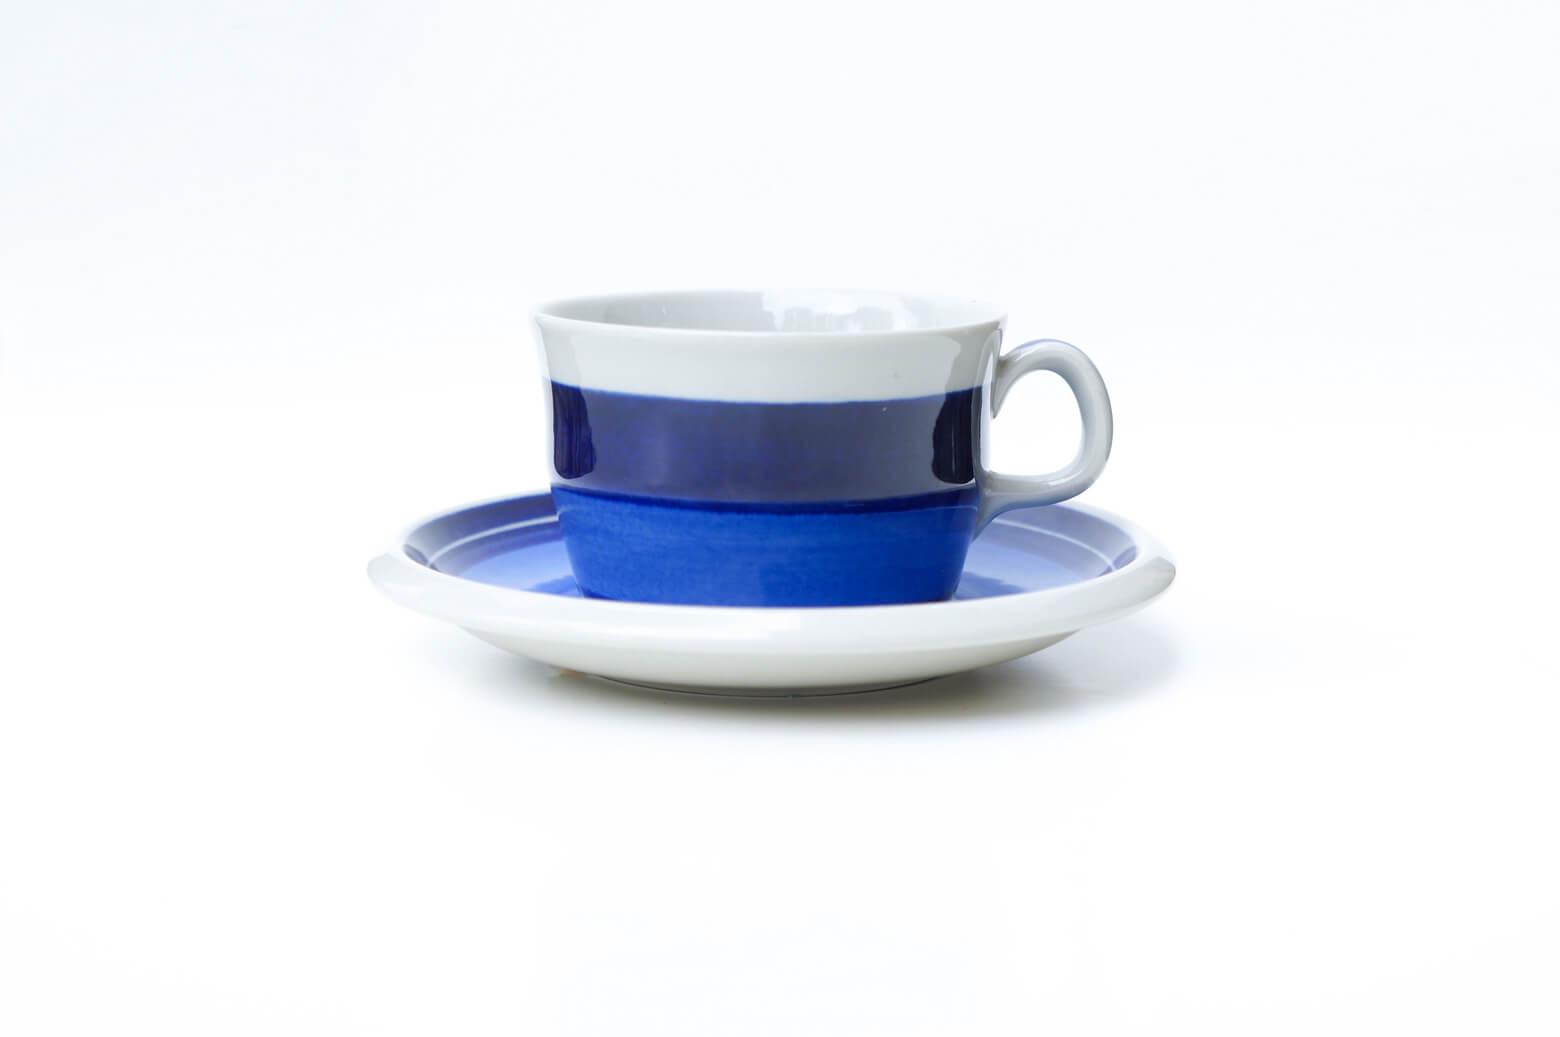 Rorstrand Mira Mare Coffee Cup and Saucer 2 / ロールストランド ミラマーレ コーヒーカップ アンド ソーサー 2